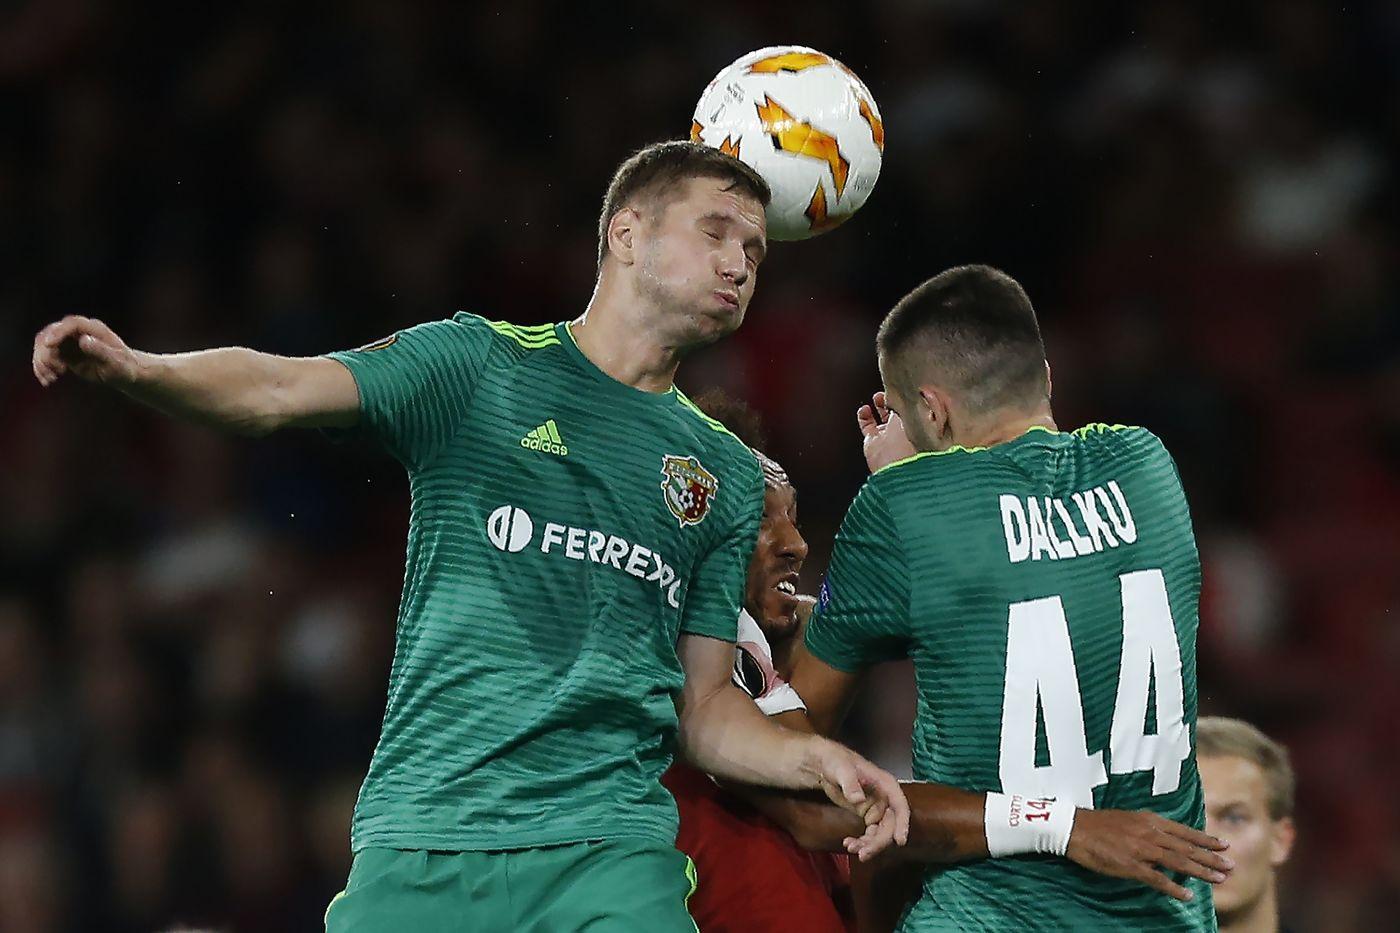 Ucraina Premier League 29 maggio: tre gare nel Gruppo Retrocessione